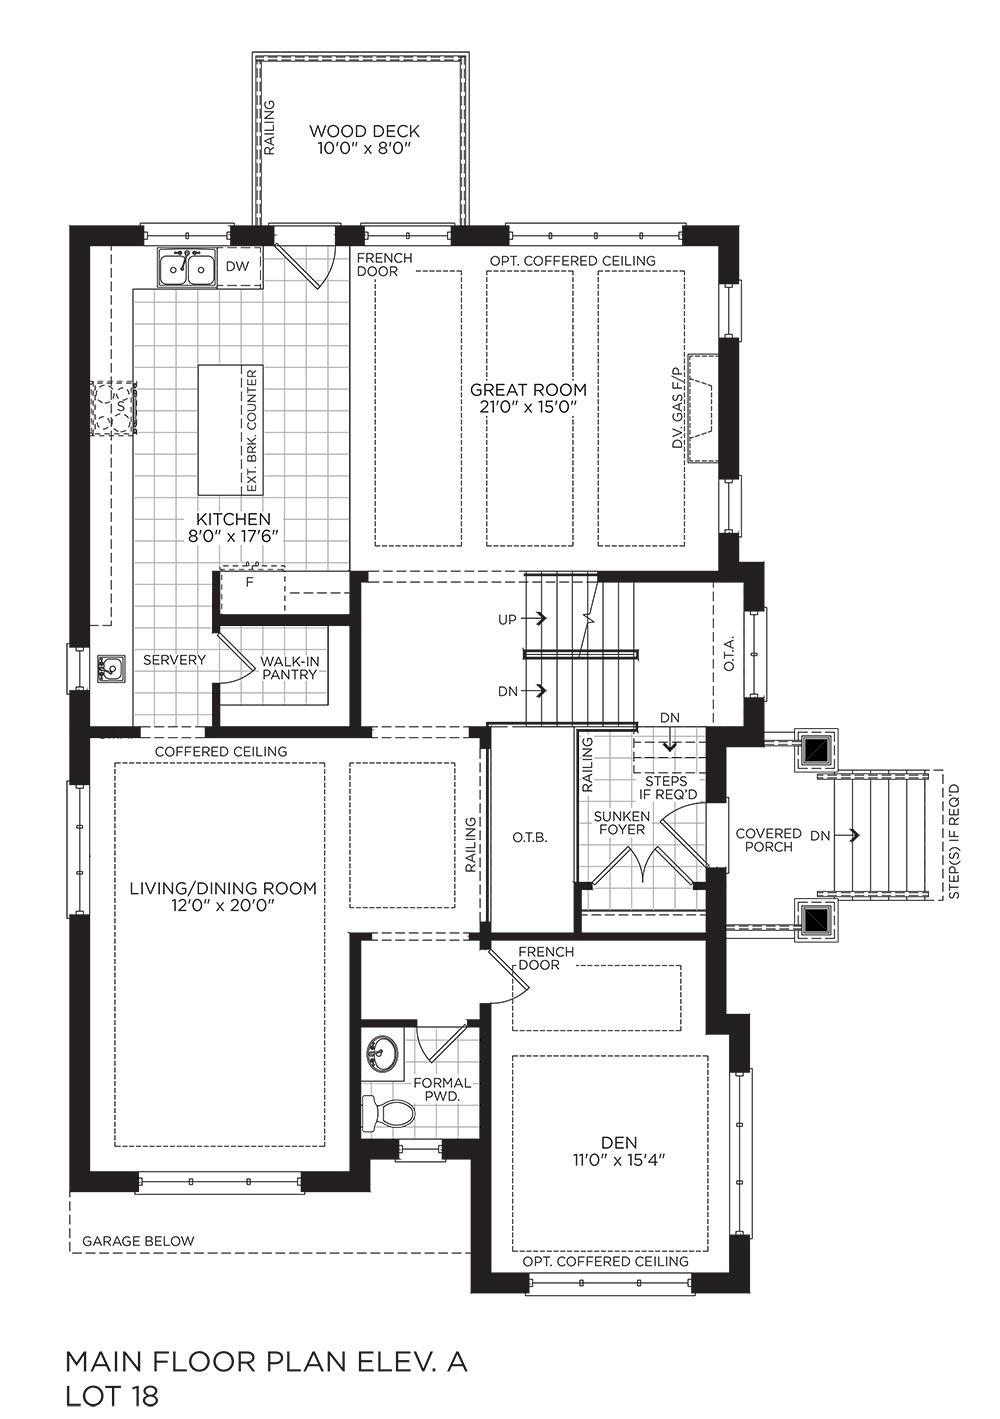 Main Floor